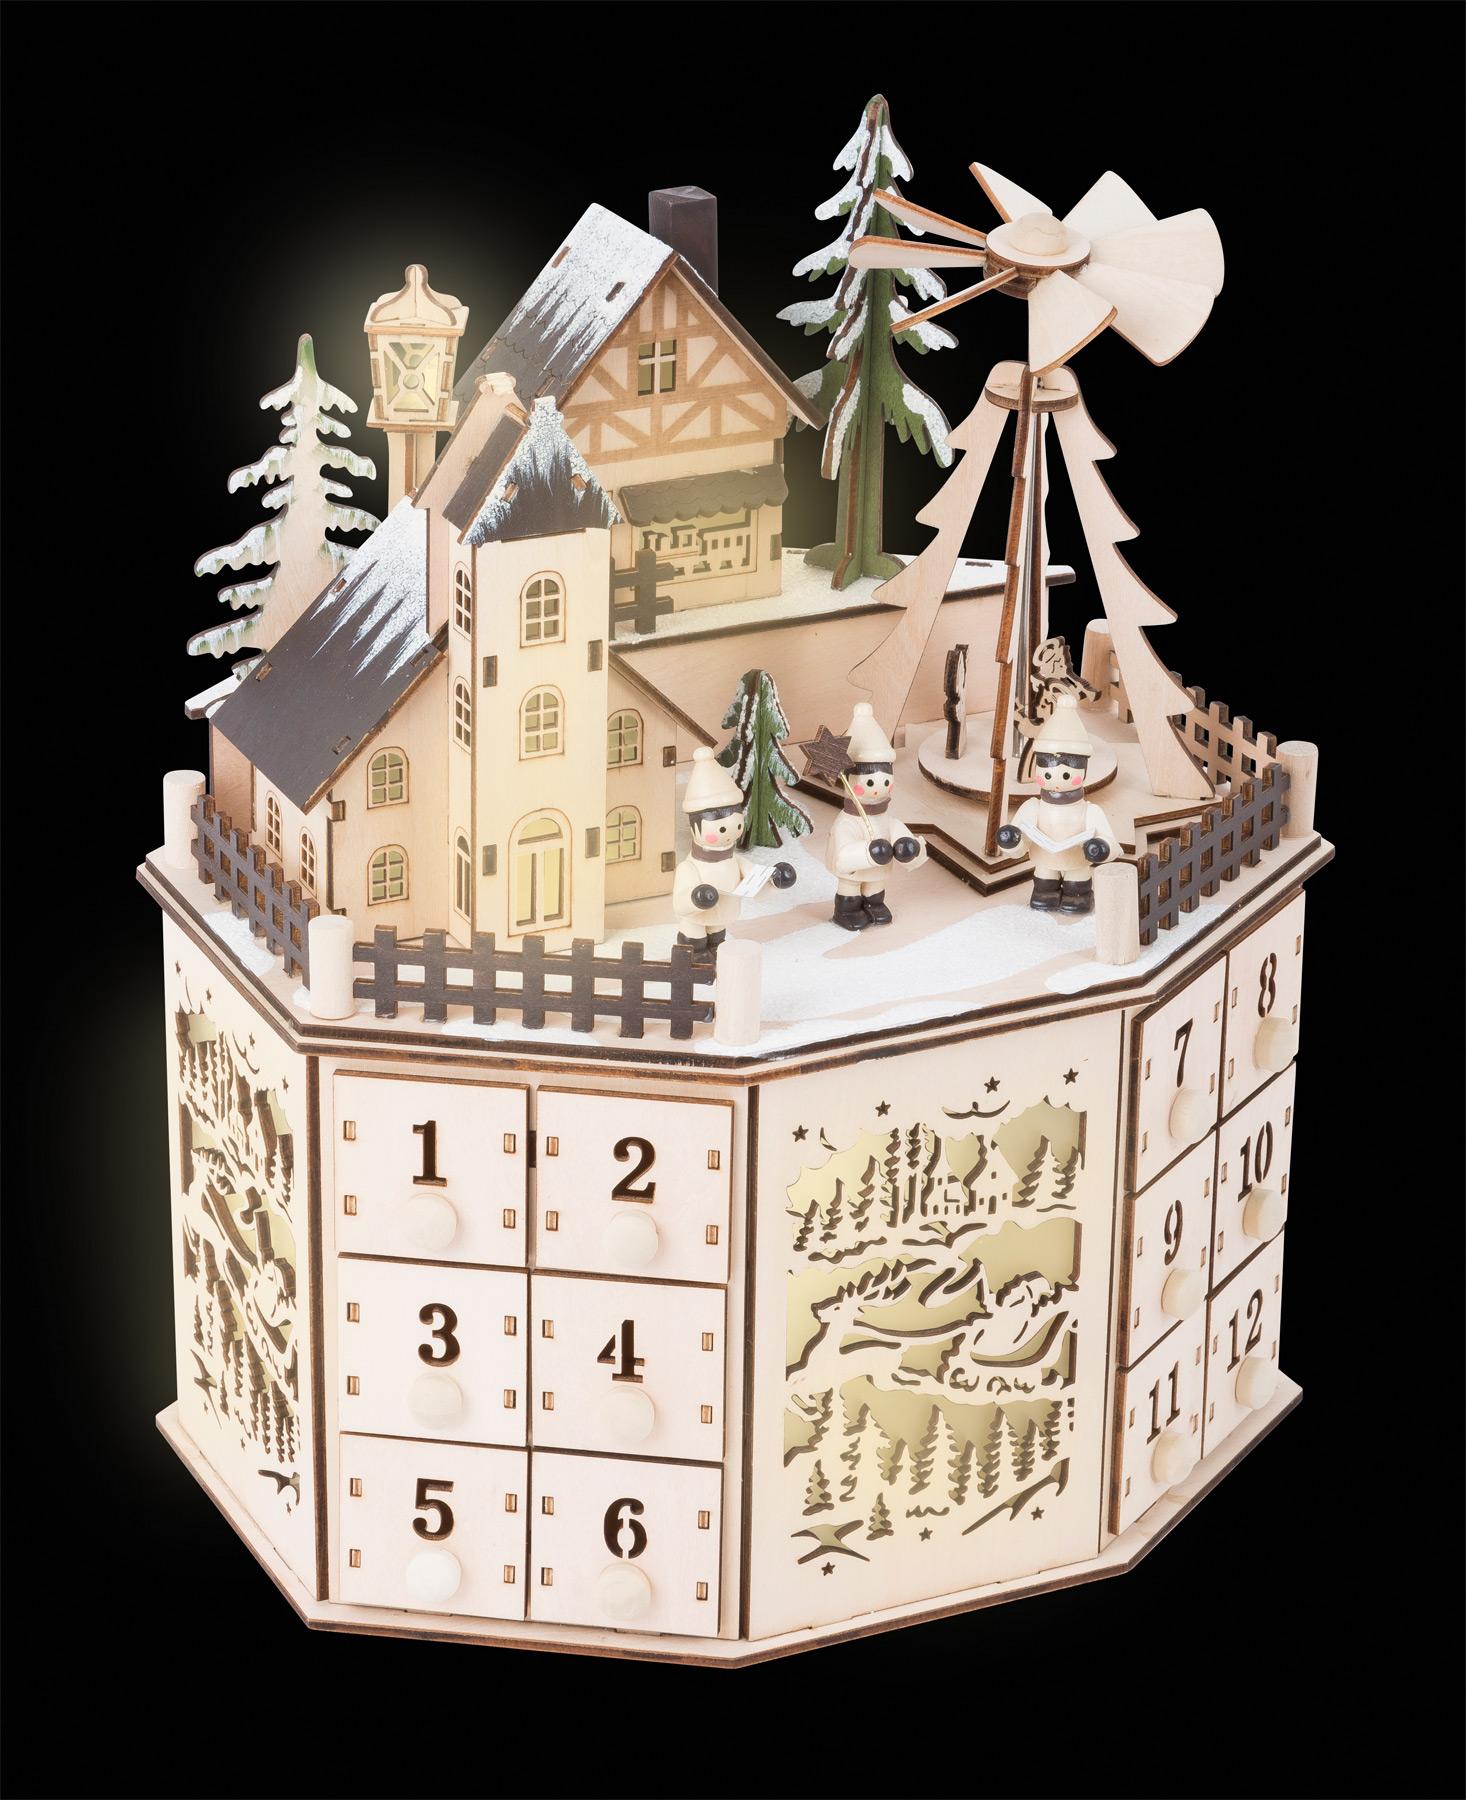 Small Foot Adventní kalendář s vánoční pyramidou